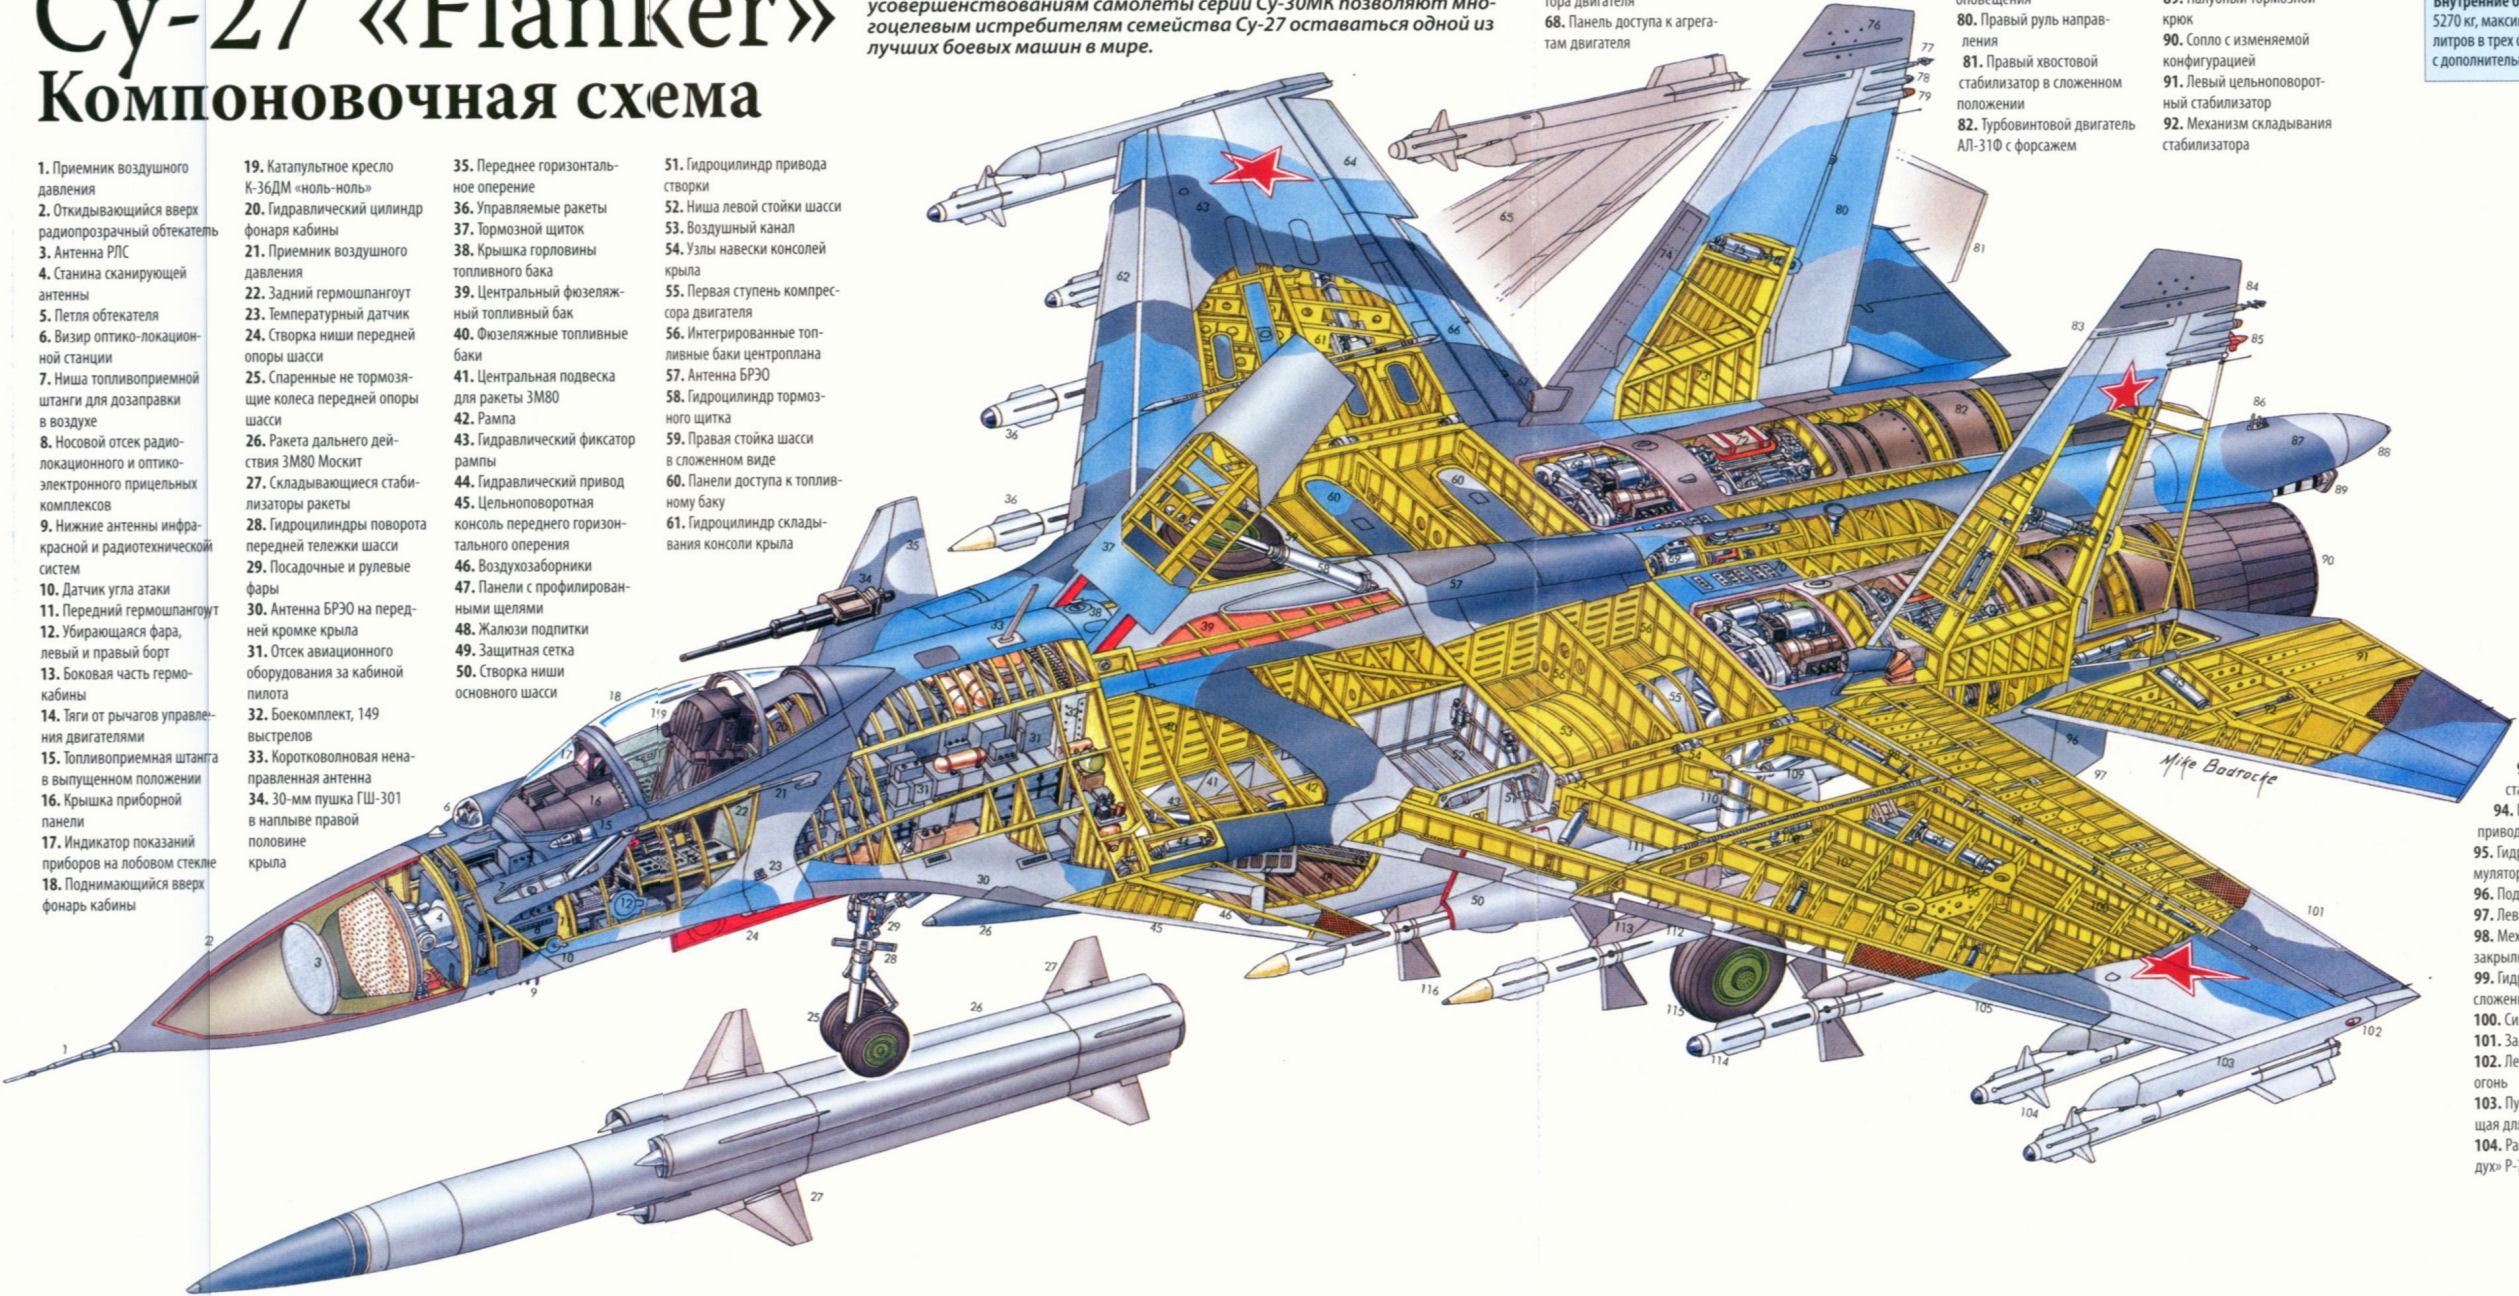 Компоновочная схема Су-27.